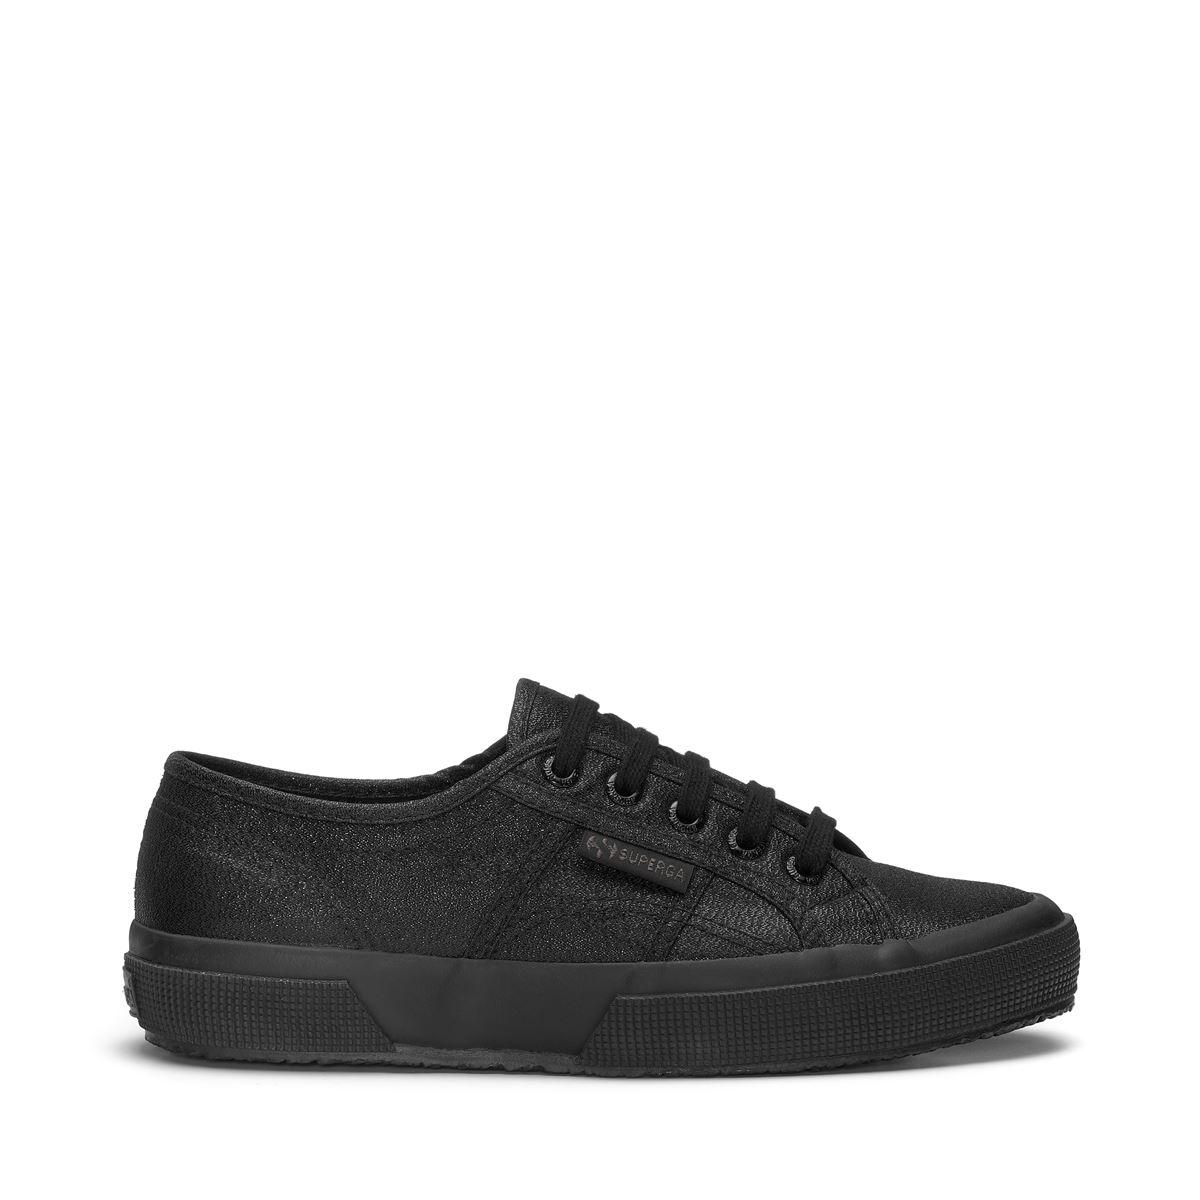 Superga Scarpe ginnastica 2750-LAMEW Donna Chic Sneaker